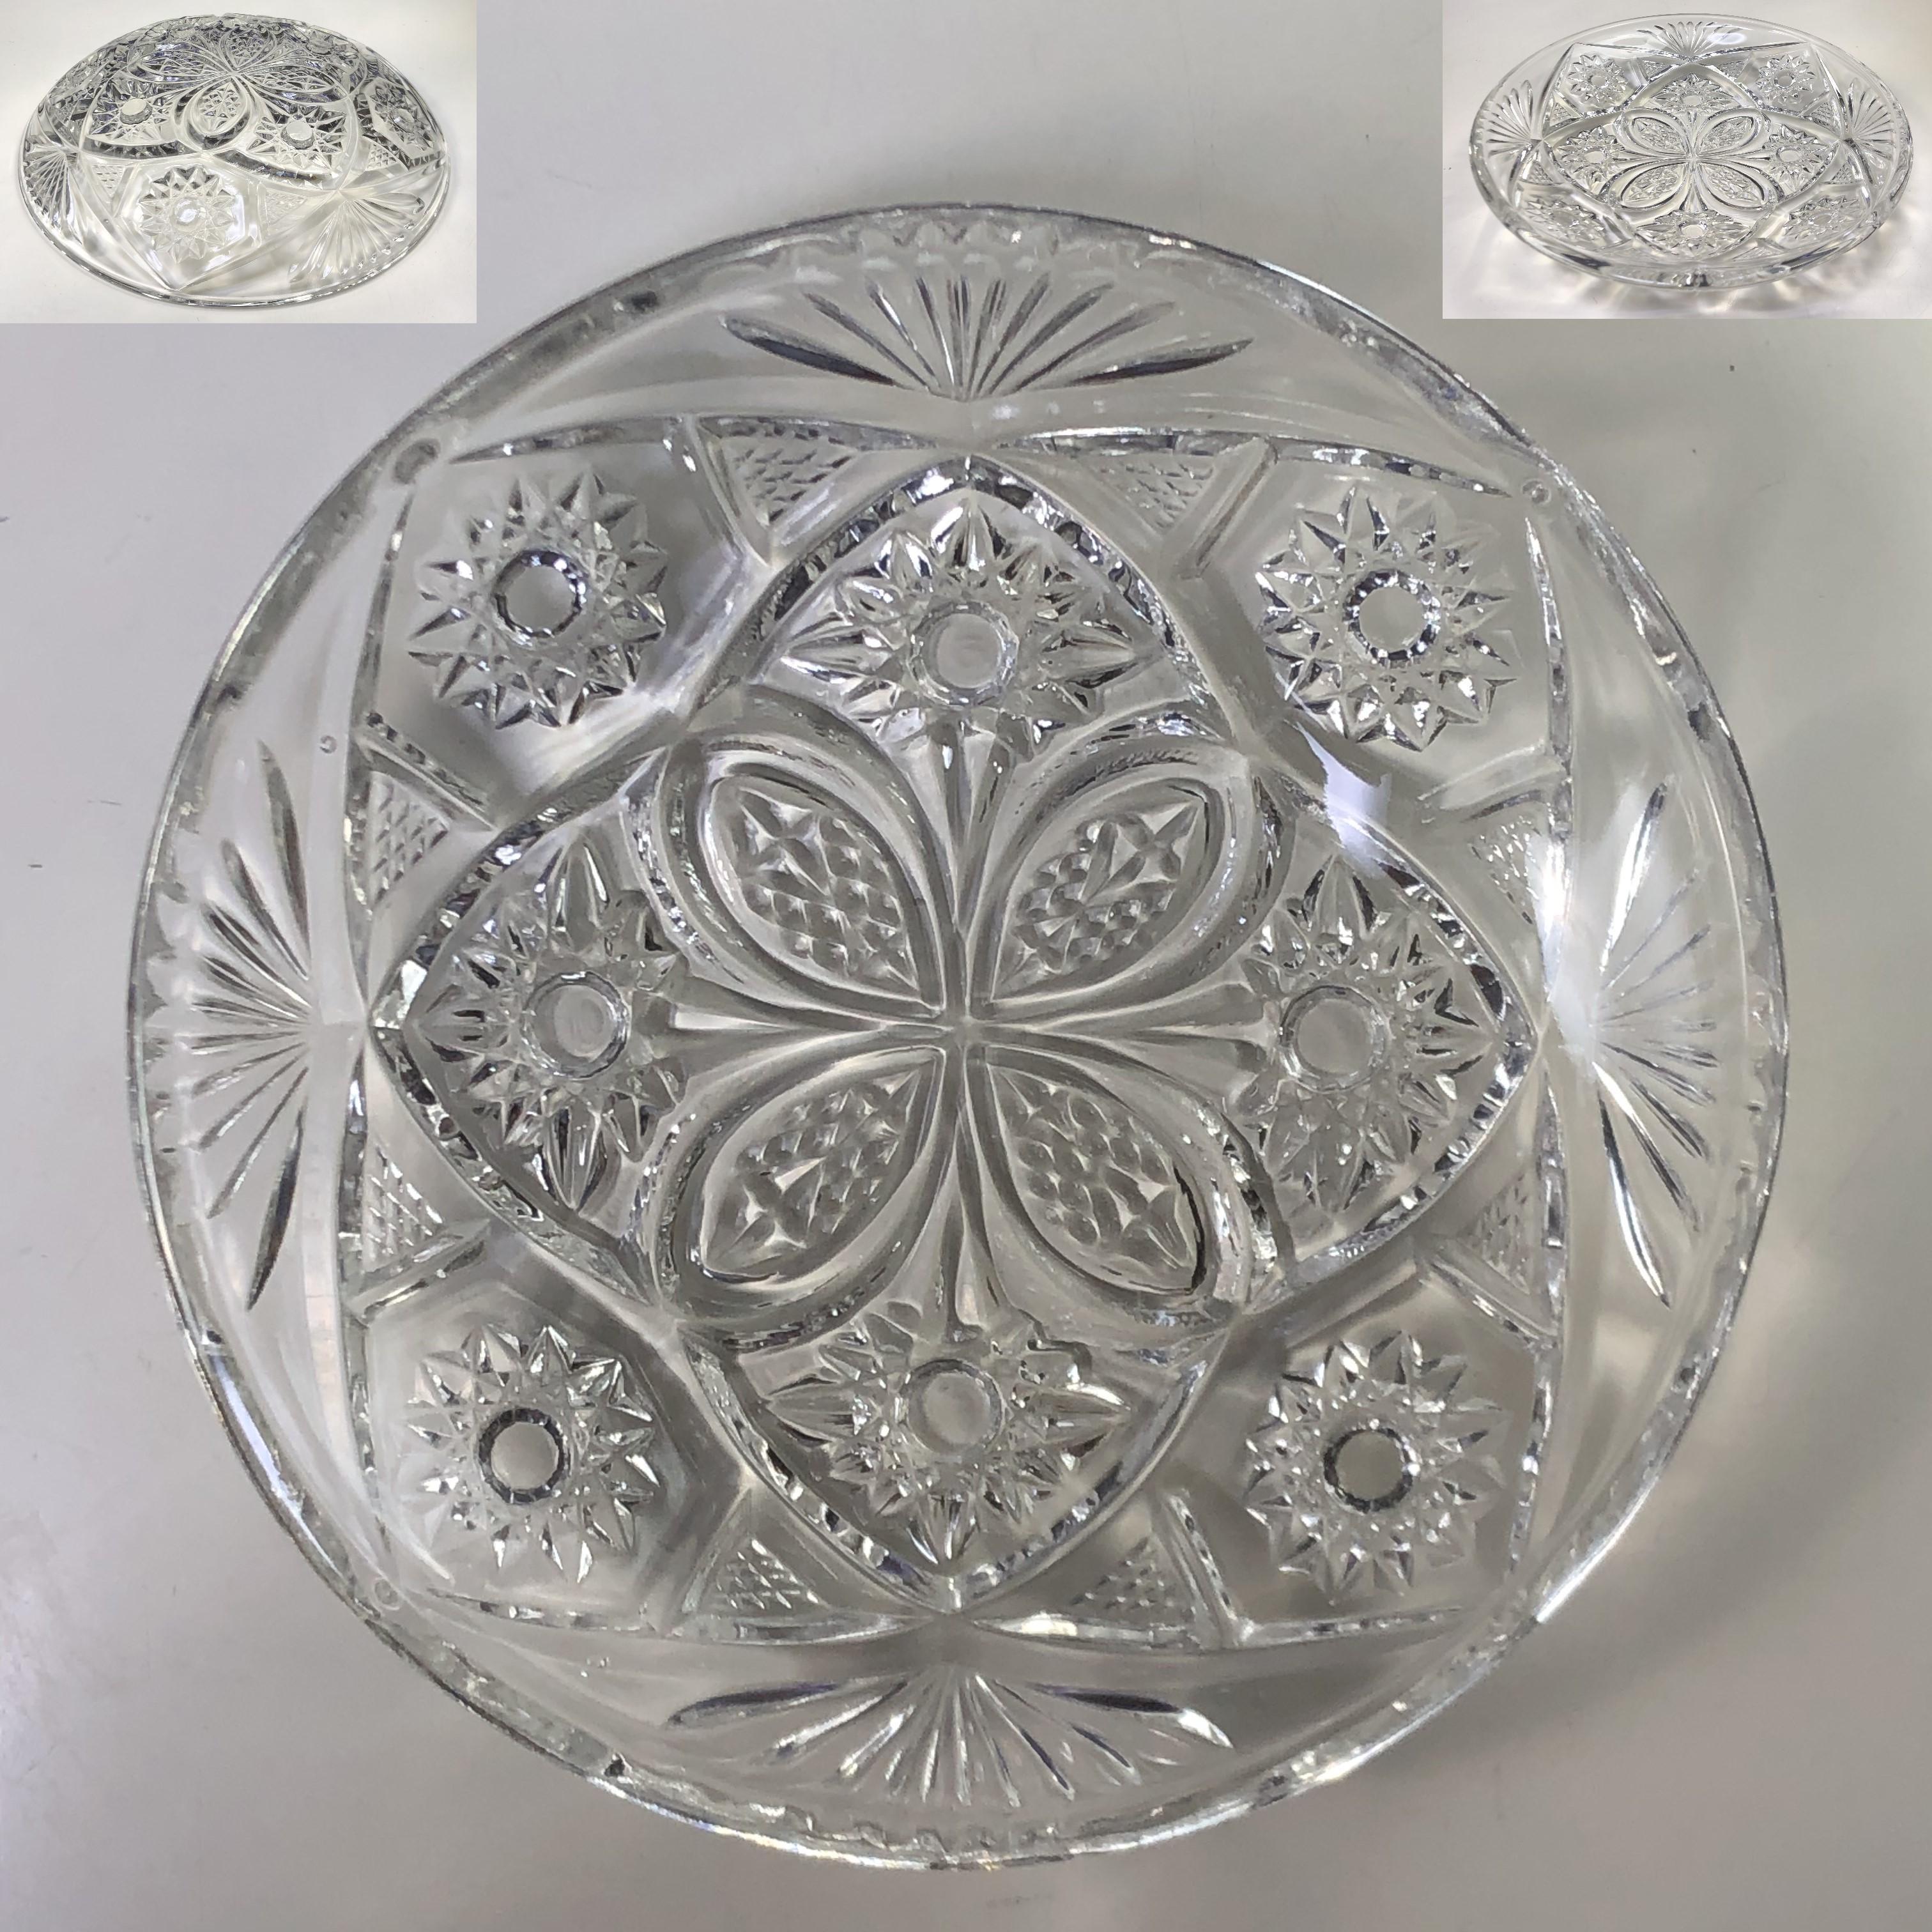 SOGAクリスタルガラスプレートR7124